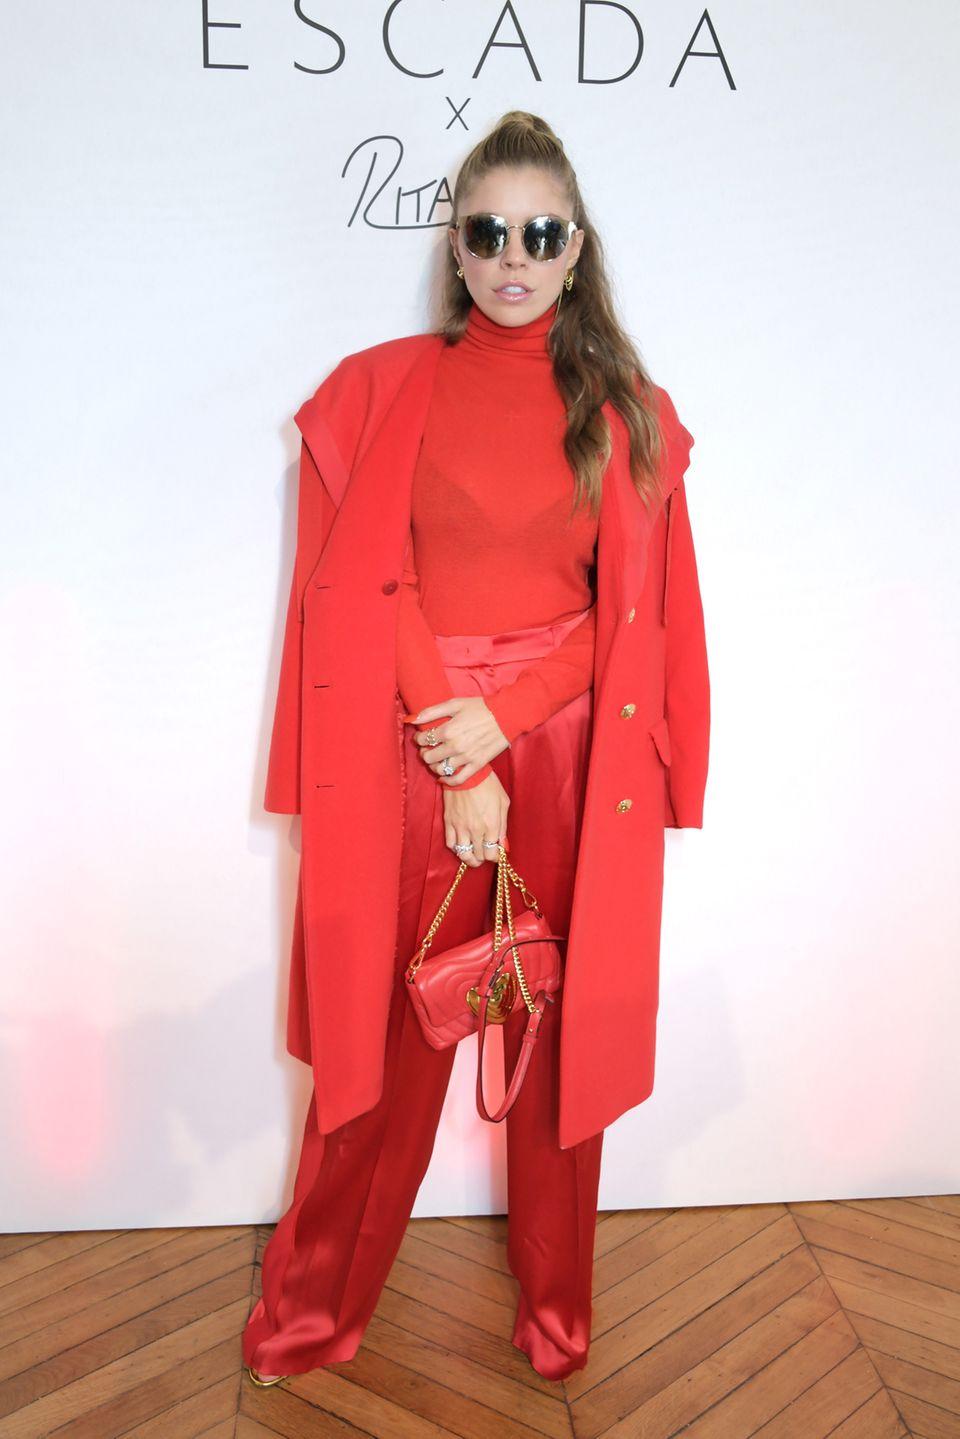 Ebenfalls komplett in Rot und im ähnlichen Stil erscheint Moderatorin Victoria Swarovski in einem Allover-Look von Escada auf dem roten Teppich.